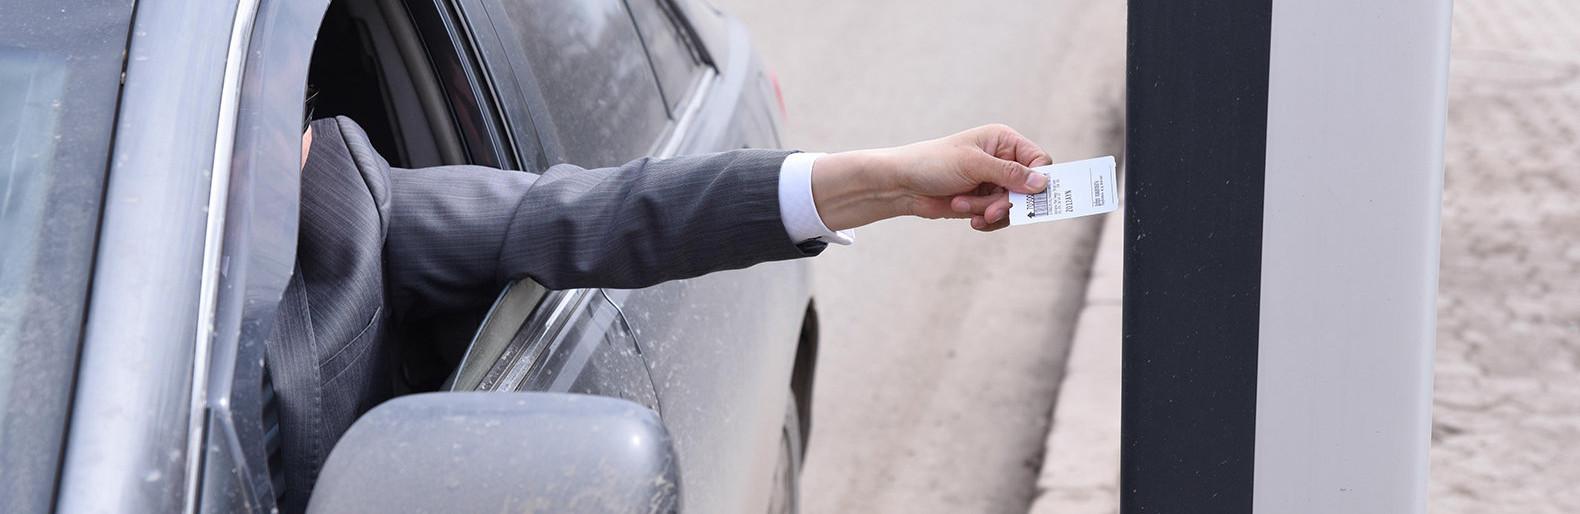 Парковки в Нур-Султане на период действия режима ЧП станут бесплатными